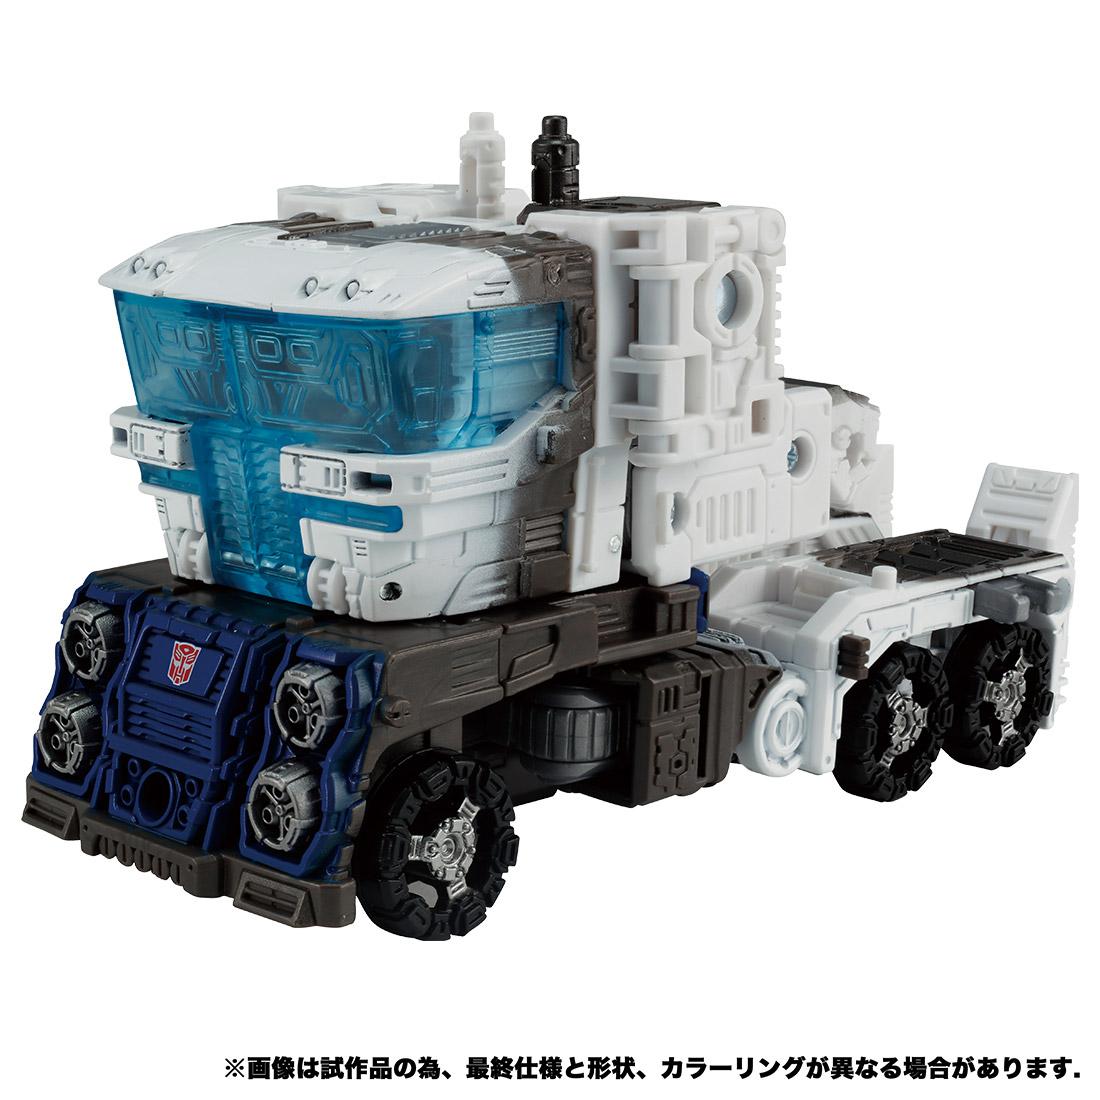 トランスフォーマー ウォーフォーサイバトロン『WFC-08 ウルトラマグナス』可変可動フィギュア-006